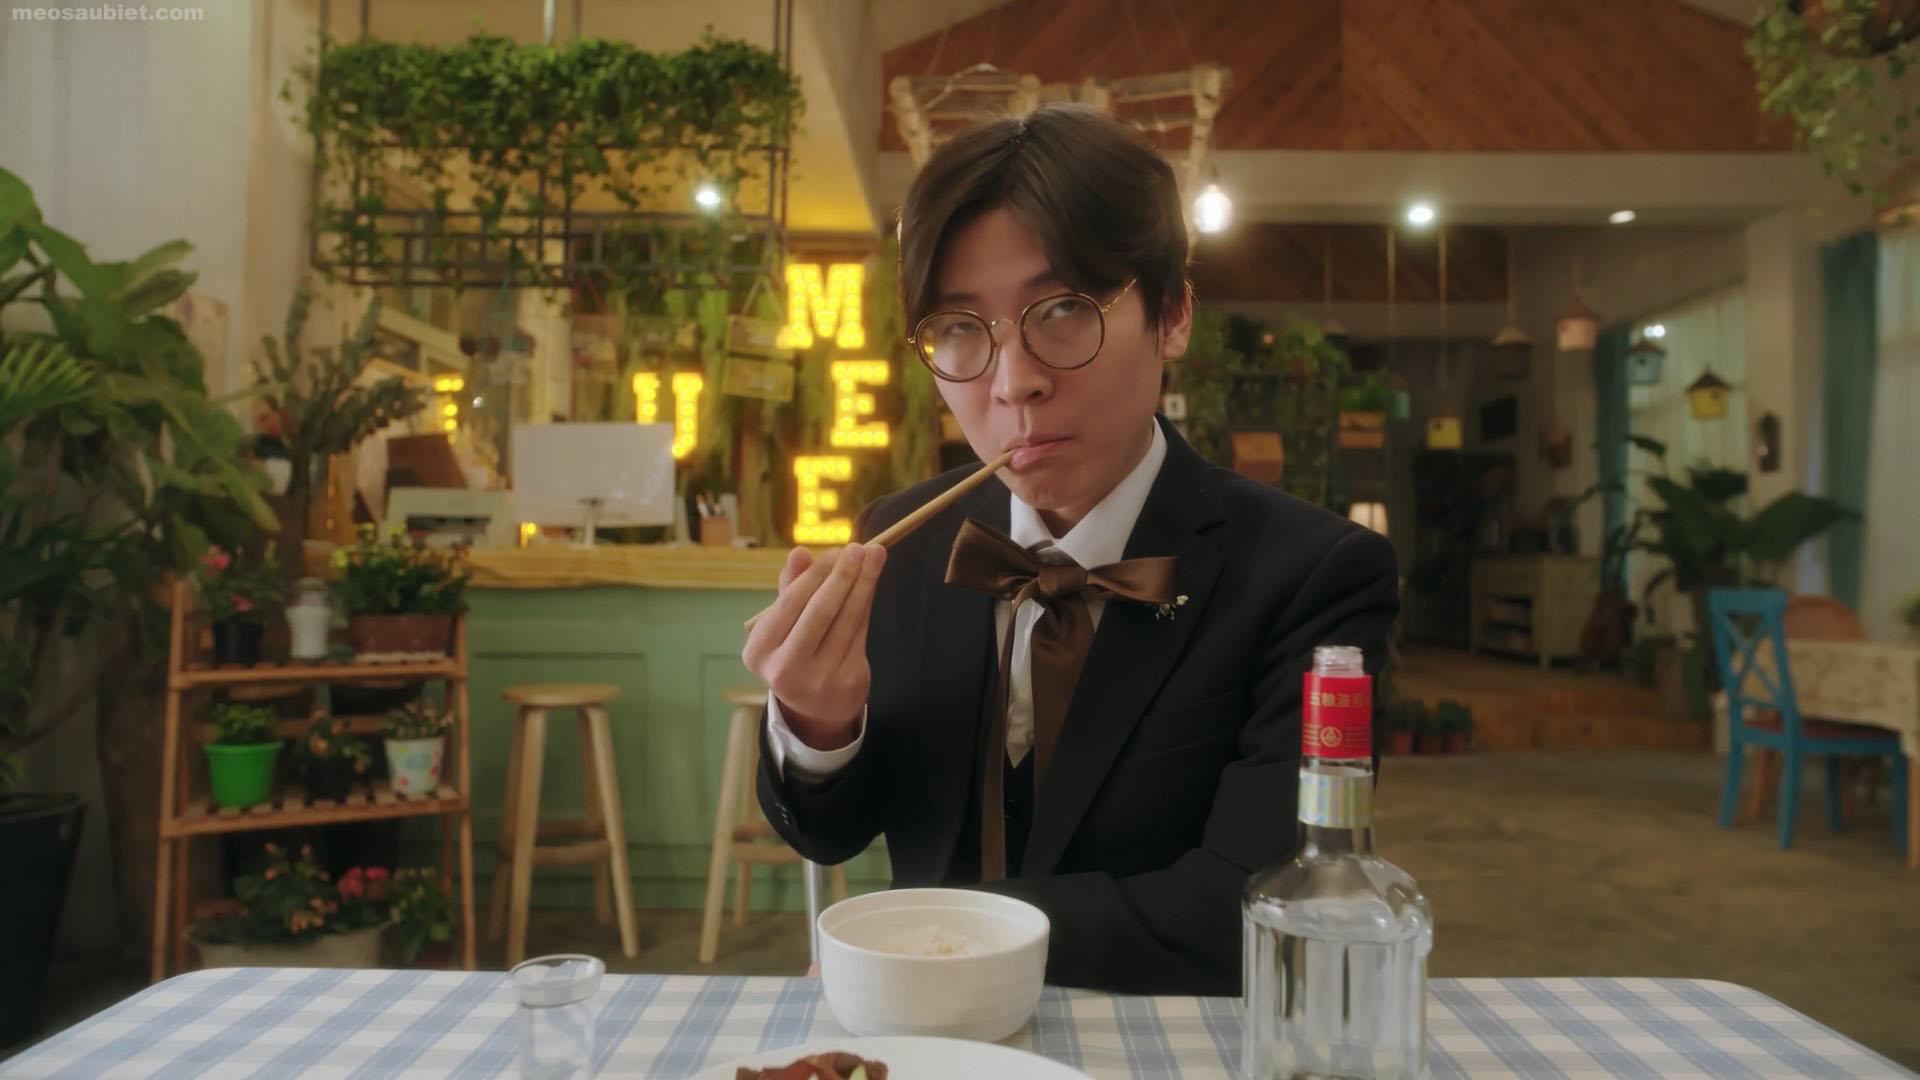 Ai cũng khao khát gặp được em 2020 Vương Khiếu Khôn trong vai Châu Mạt